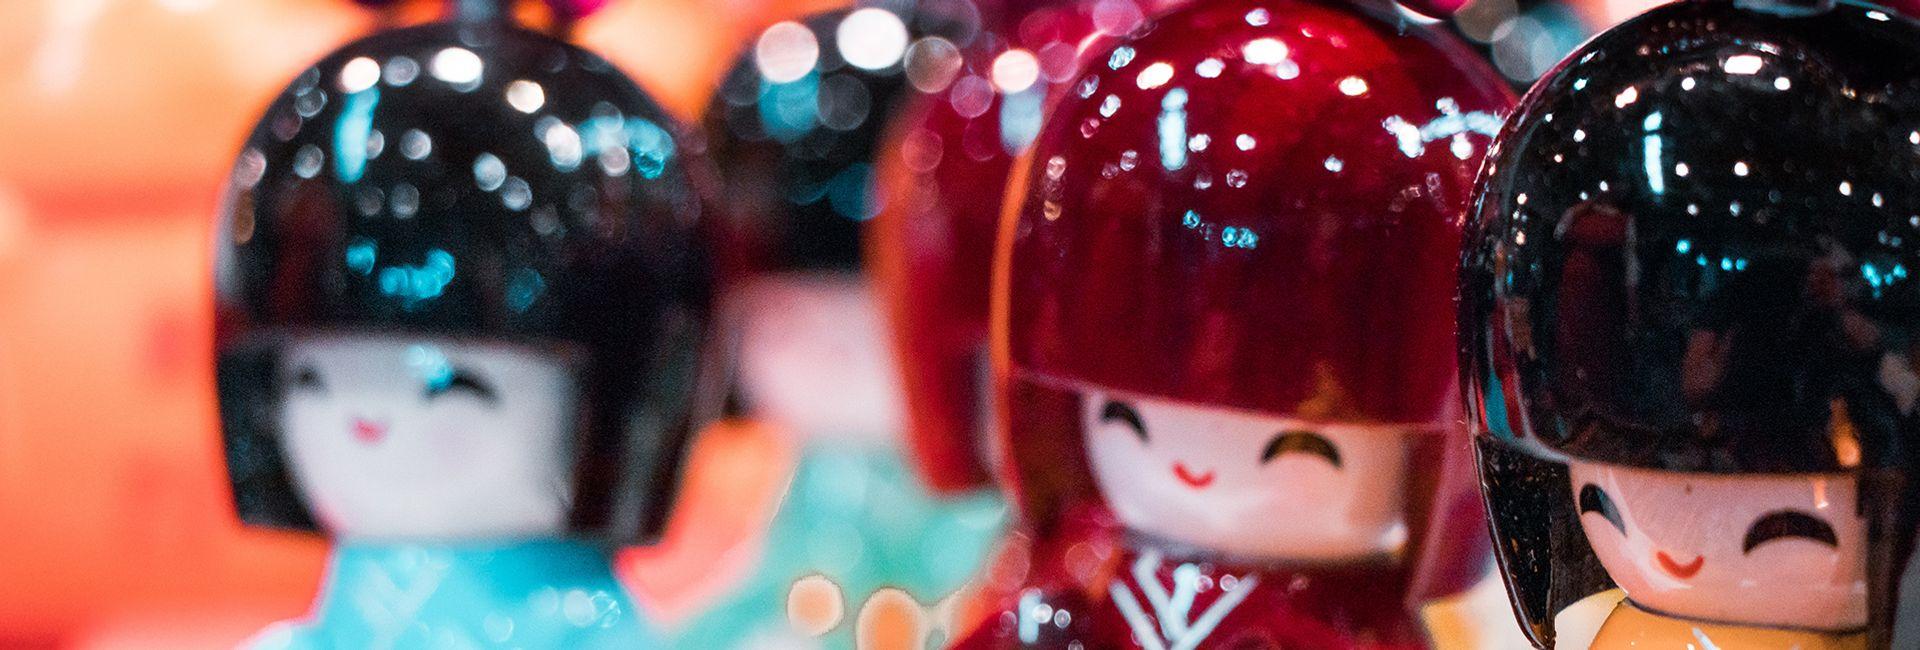 10 món quà lưu niệm ý nghĩa bạn nhất định phải mua ở Kyoto